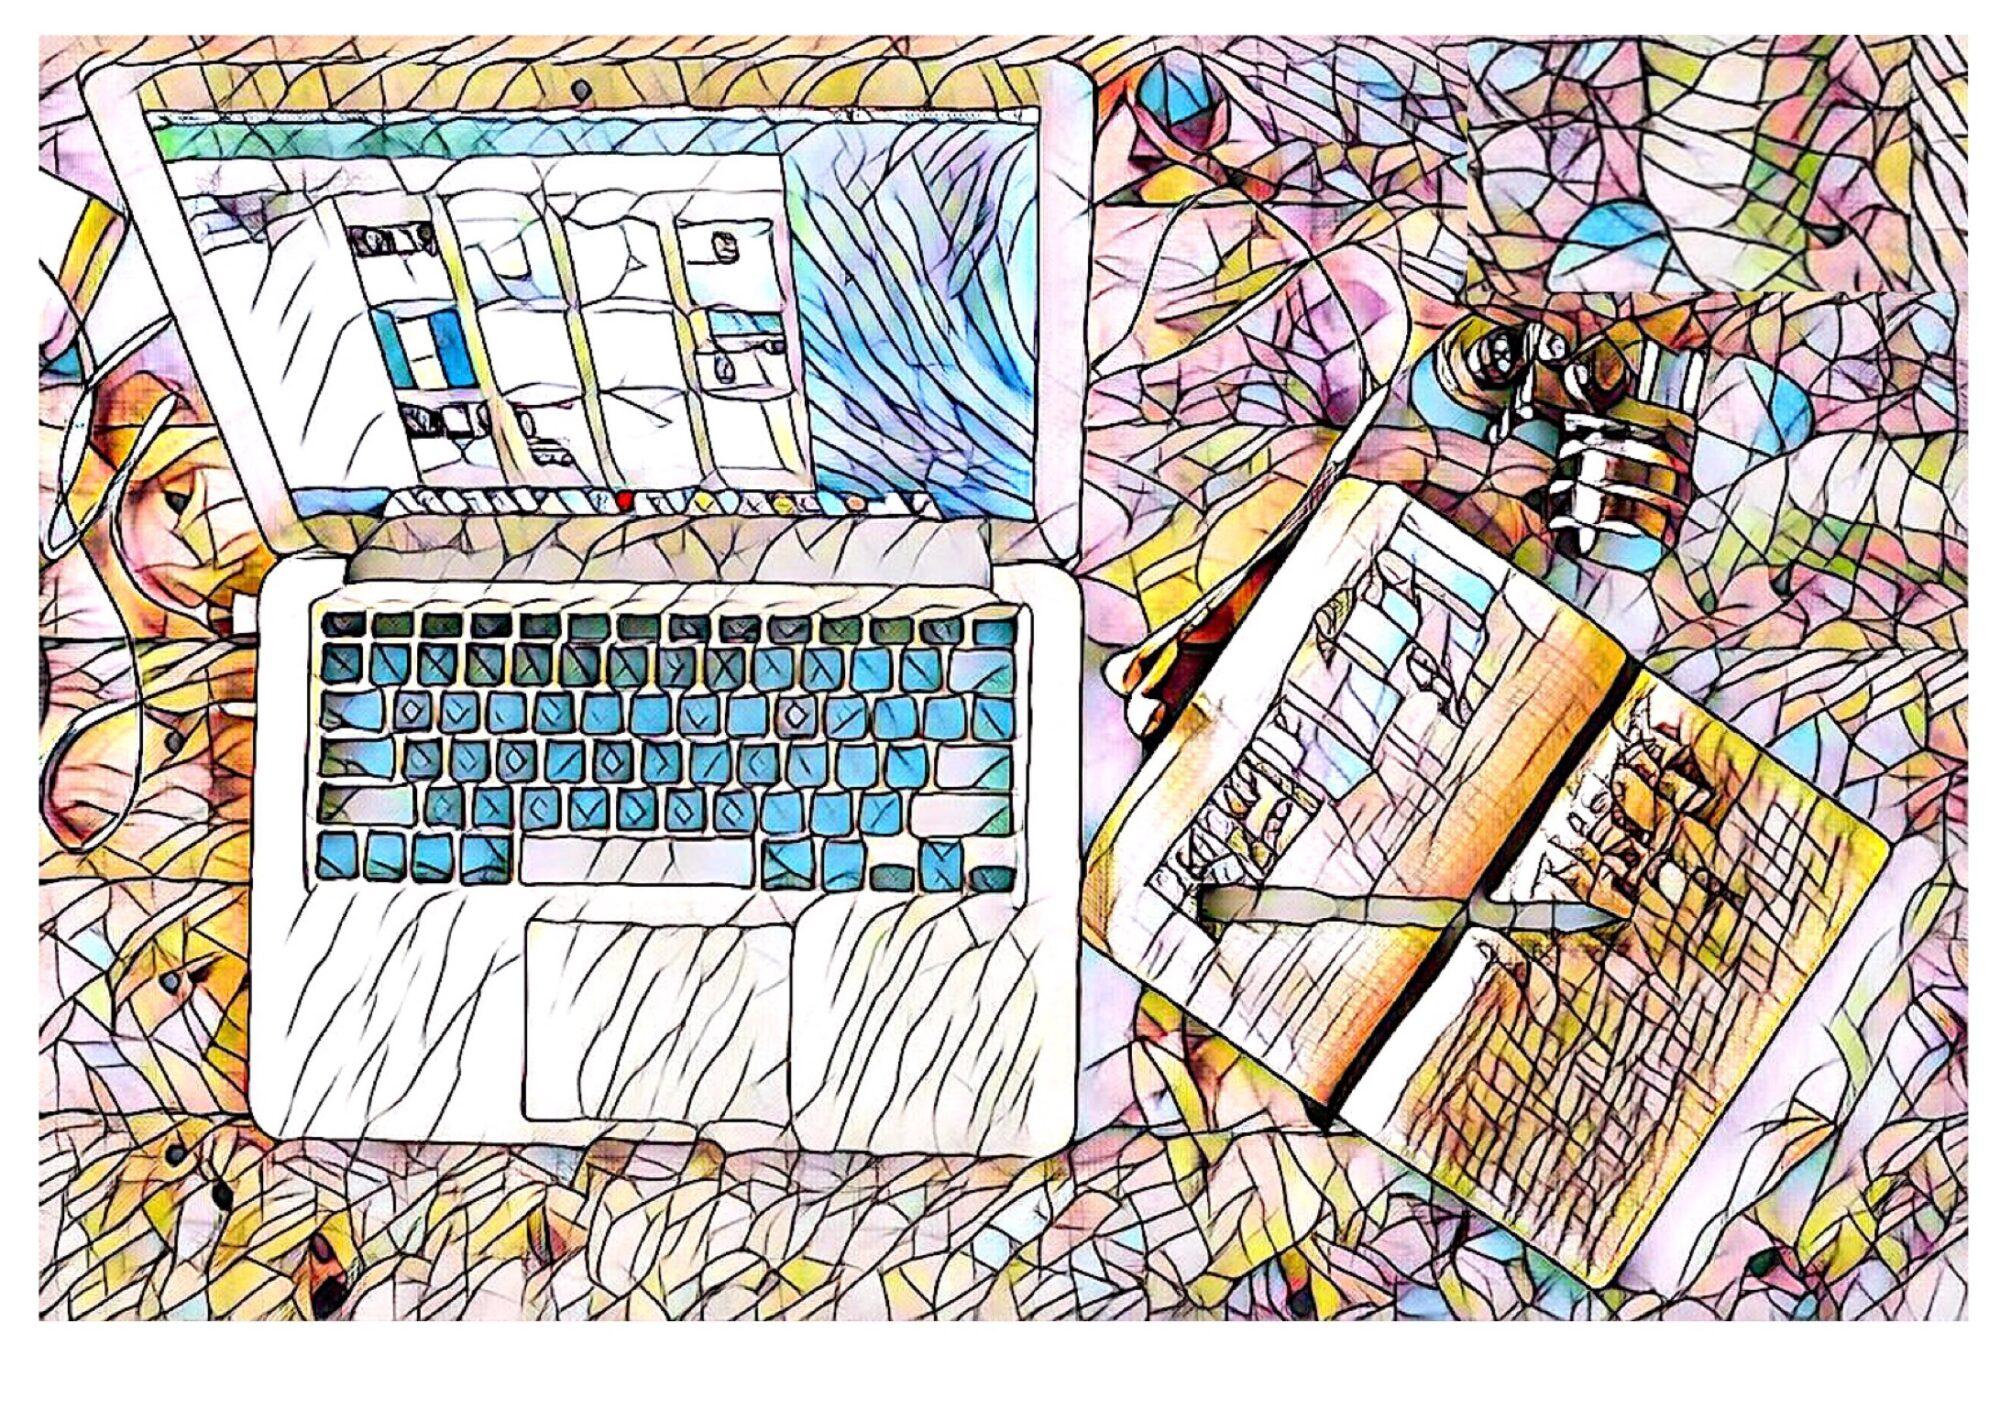 lernwerkstatt.digital